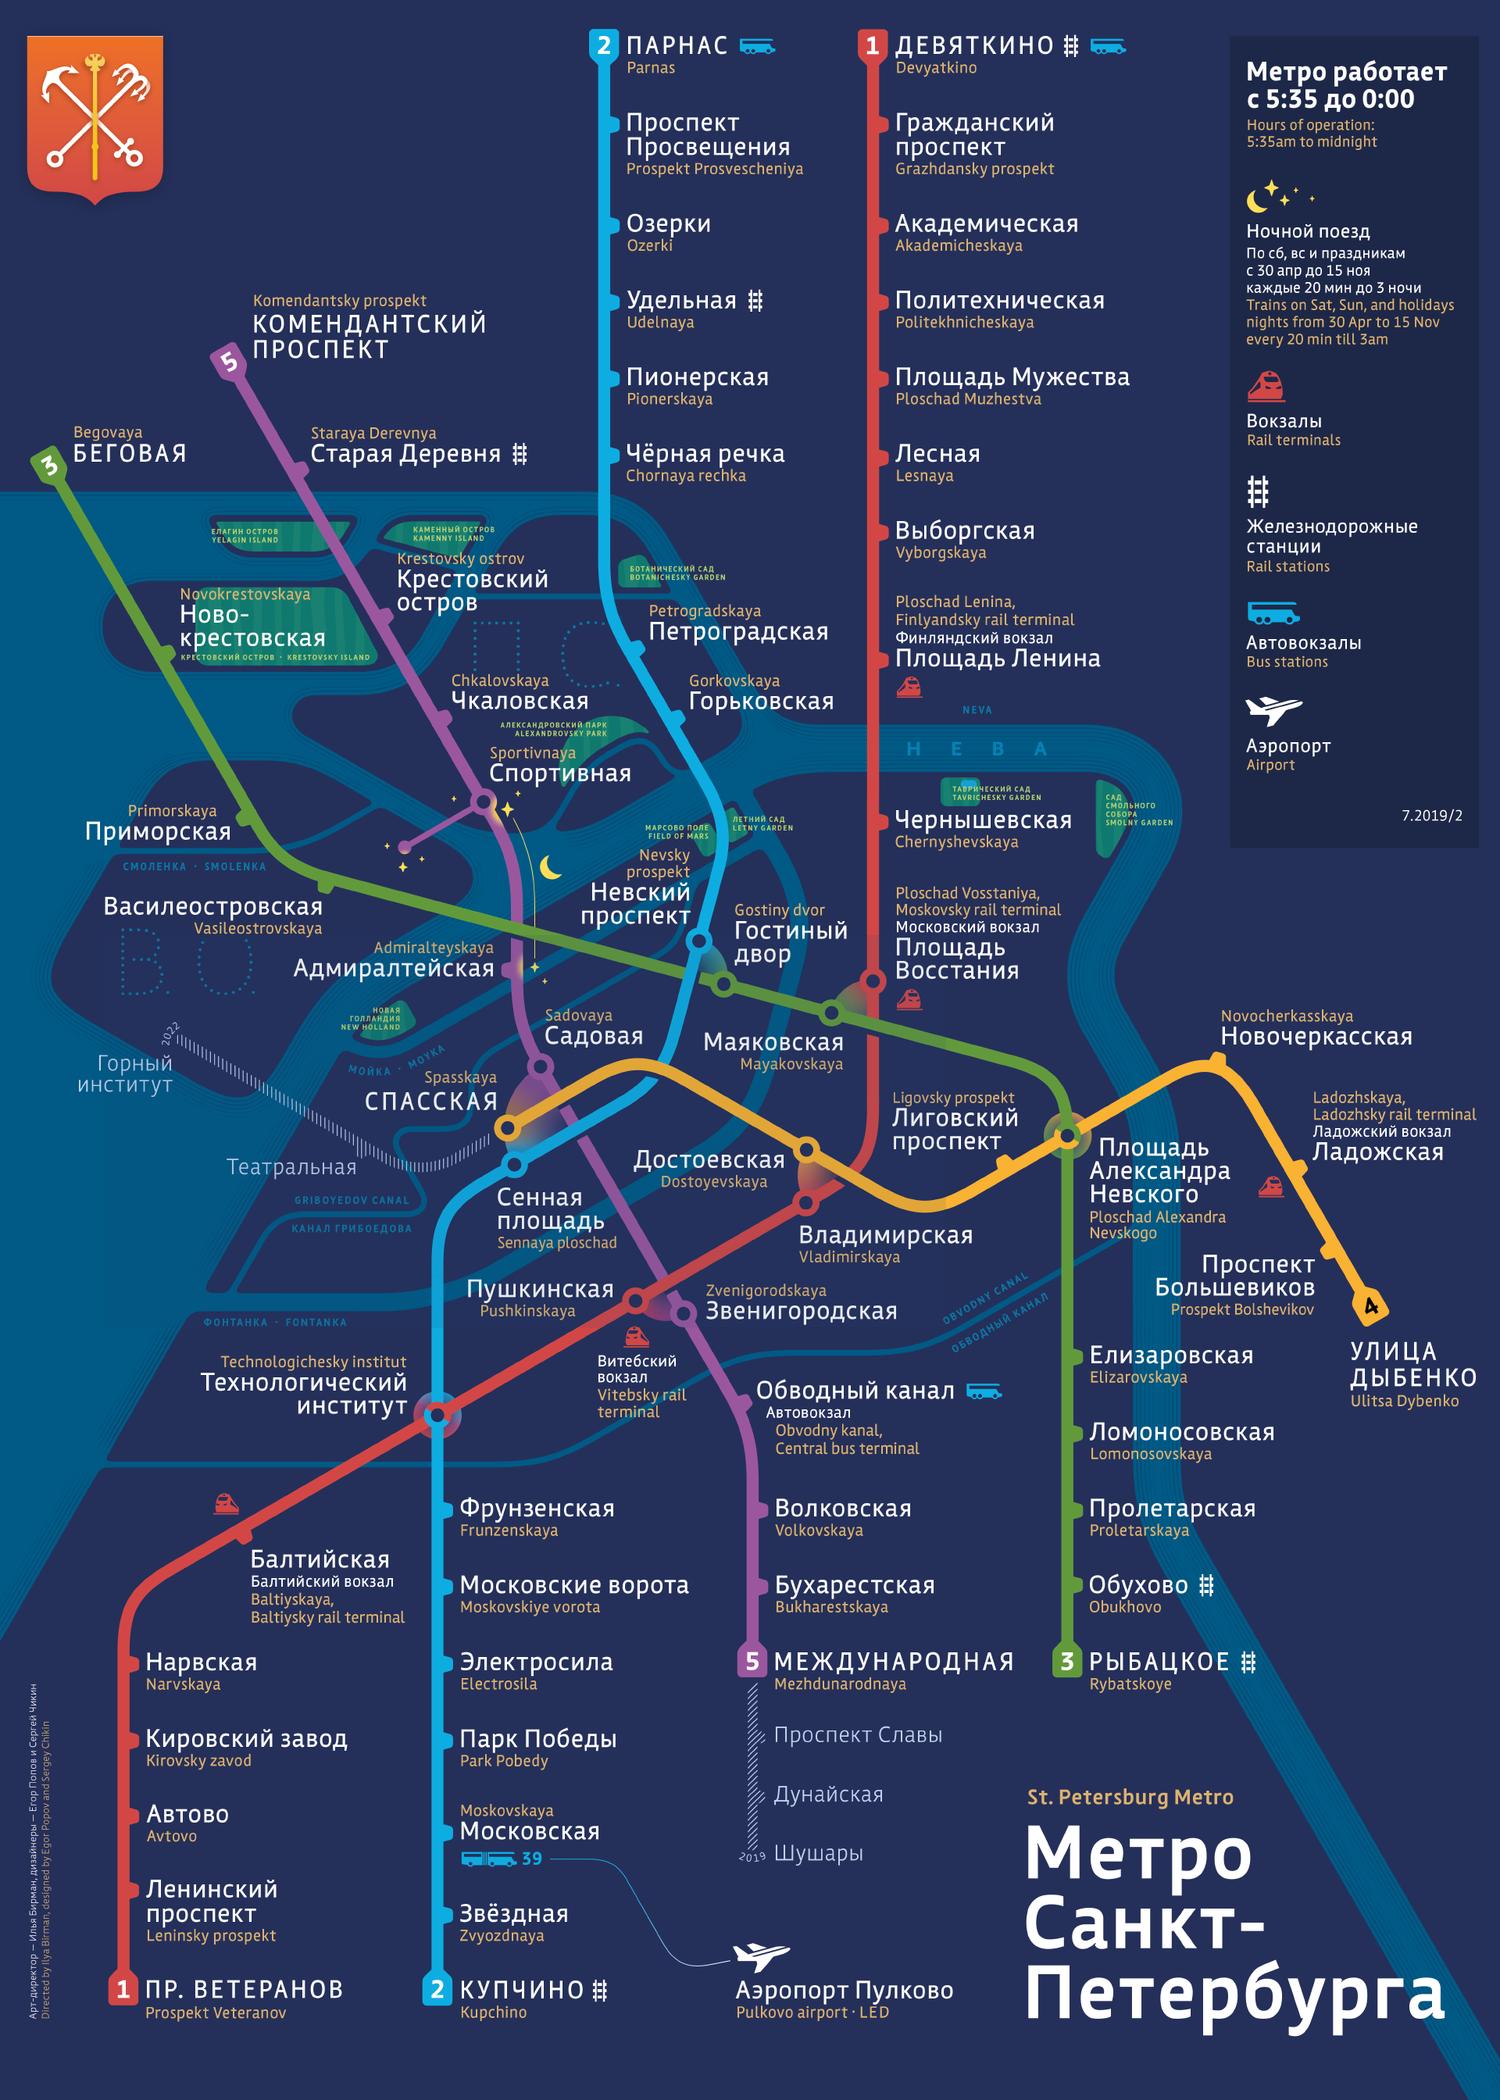 Карта метро Санкт-Петербурга 2021